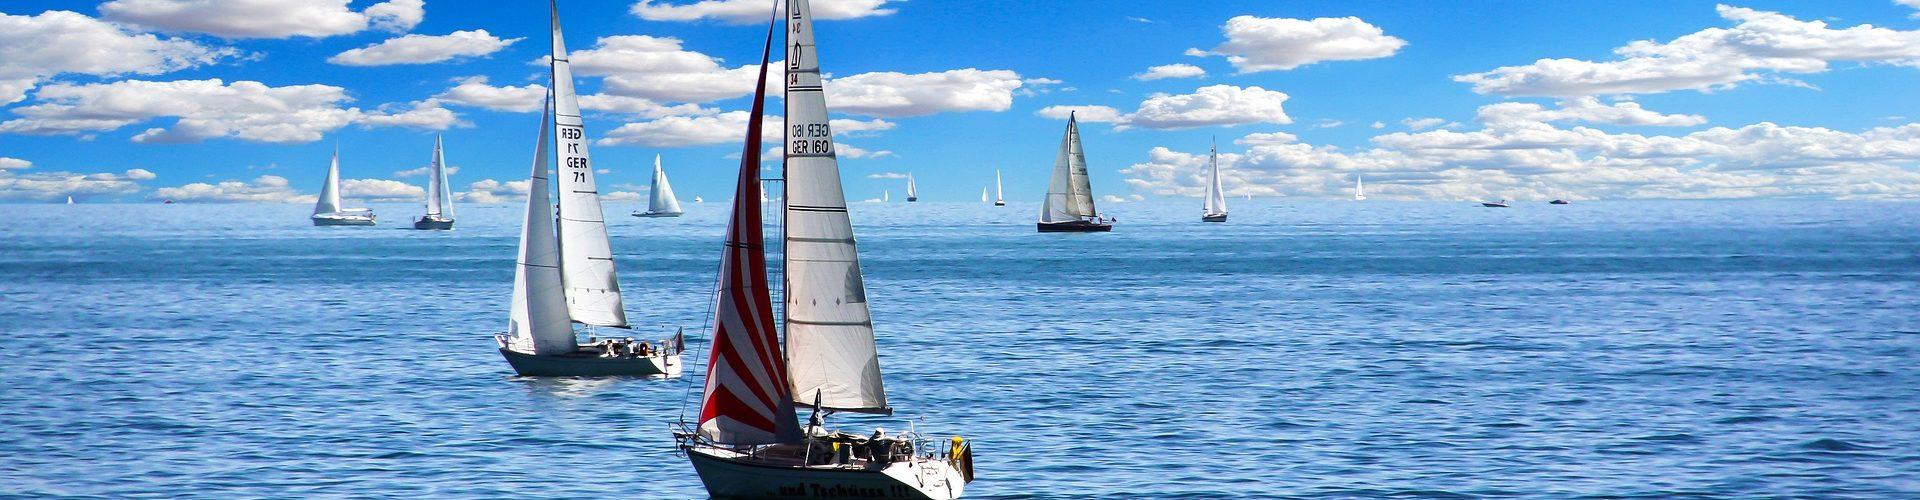 segeln lernen in Herrenberg segelschein machen in Herrenberg 1920x500 - Segeln lernen in Herrenberg